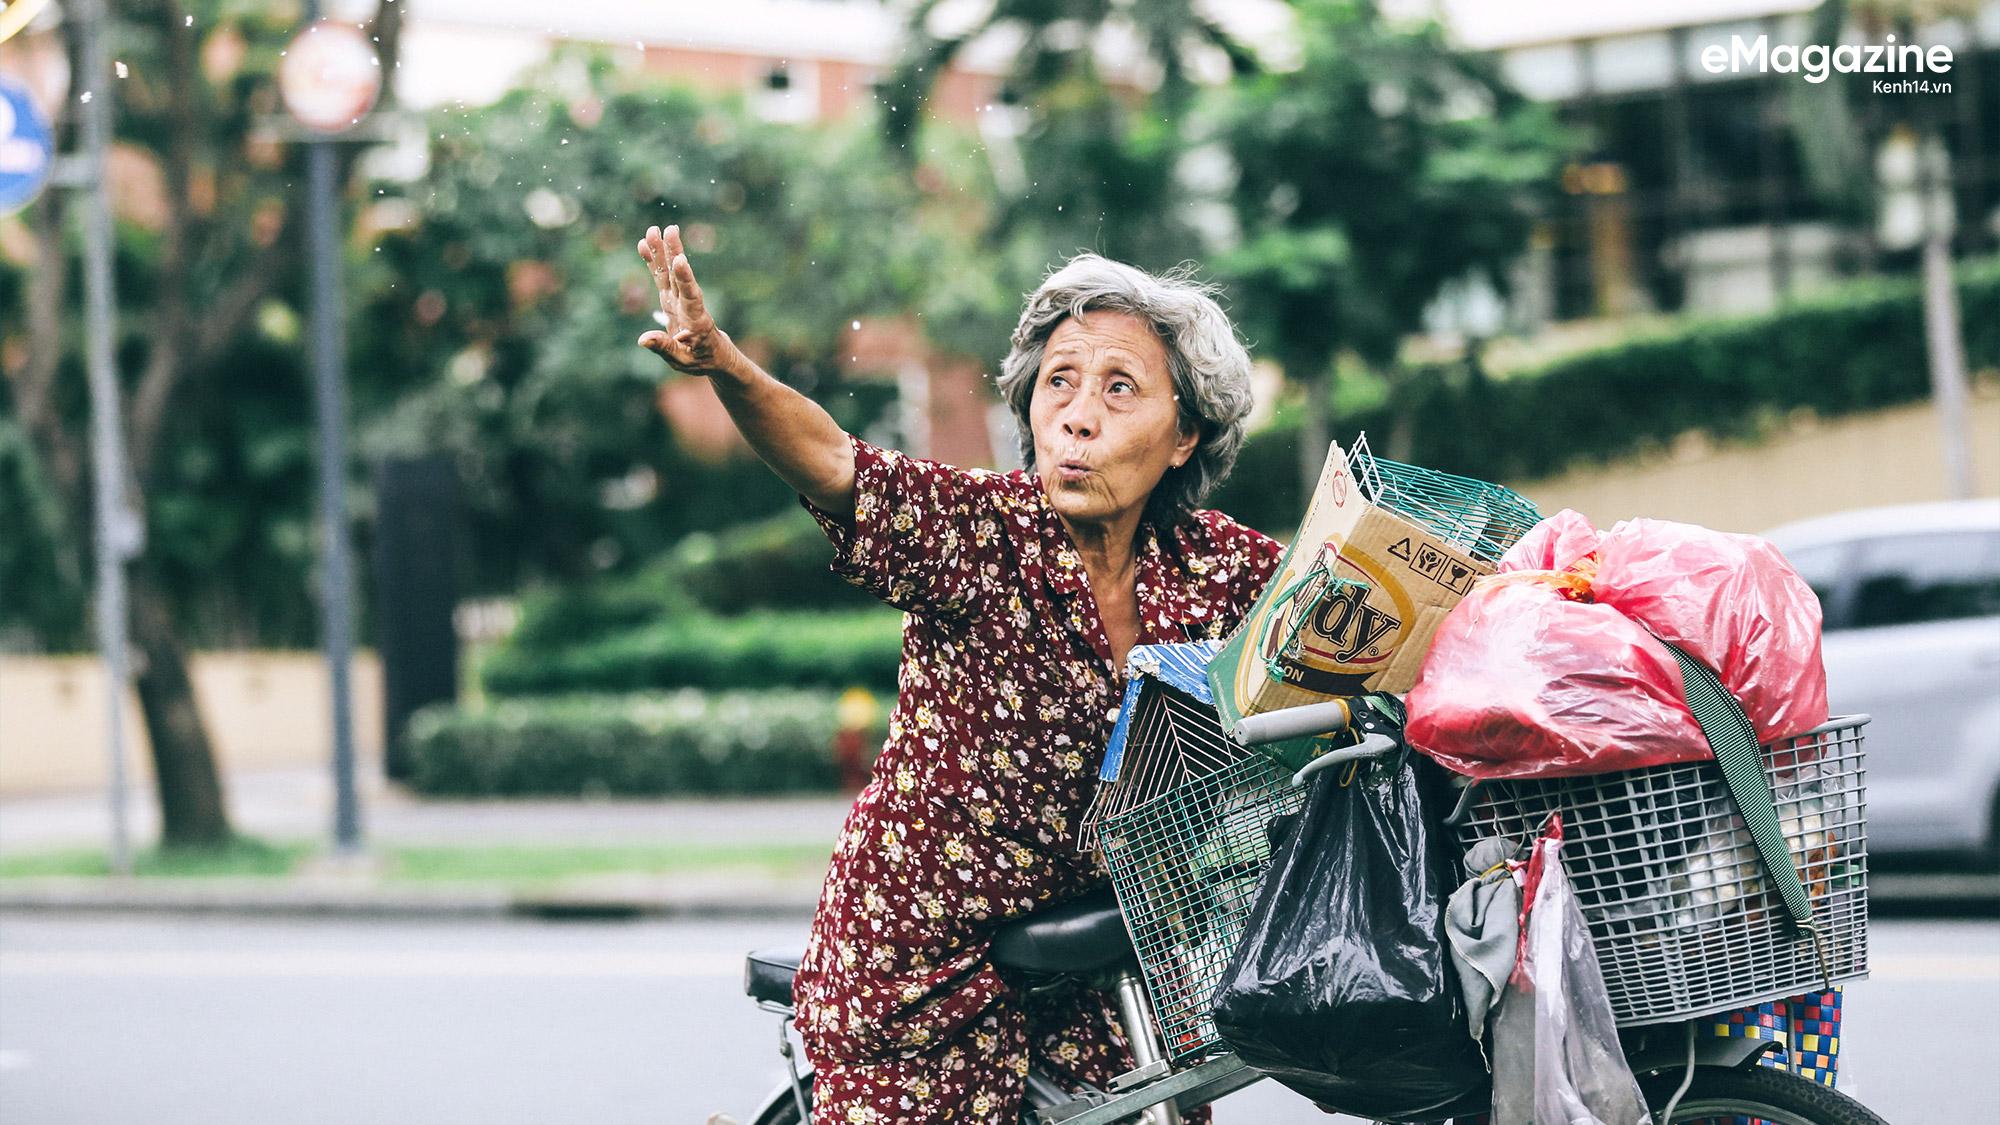 Những người Sài Gòn khùng nuôi chim trời thú hoang - Ảnh 2.